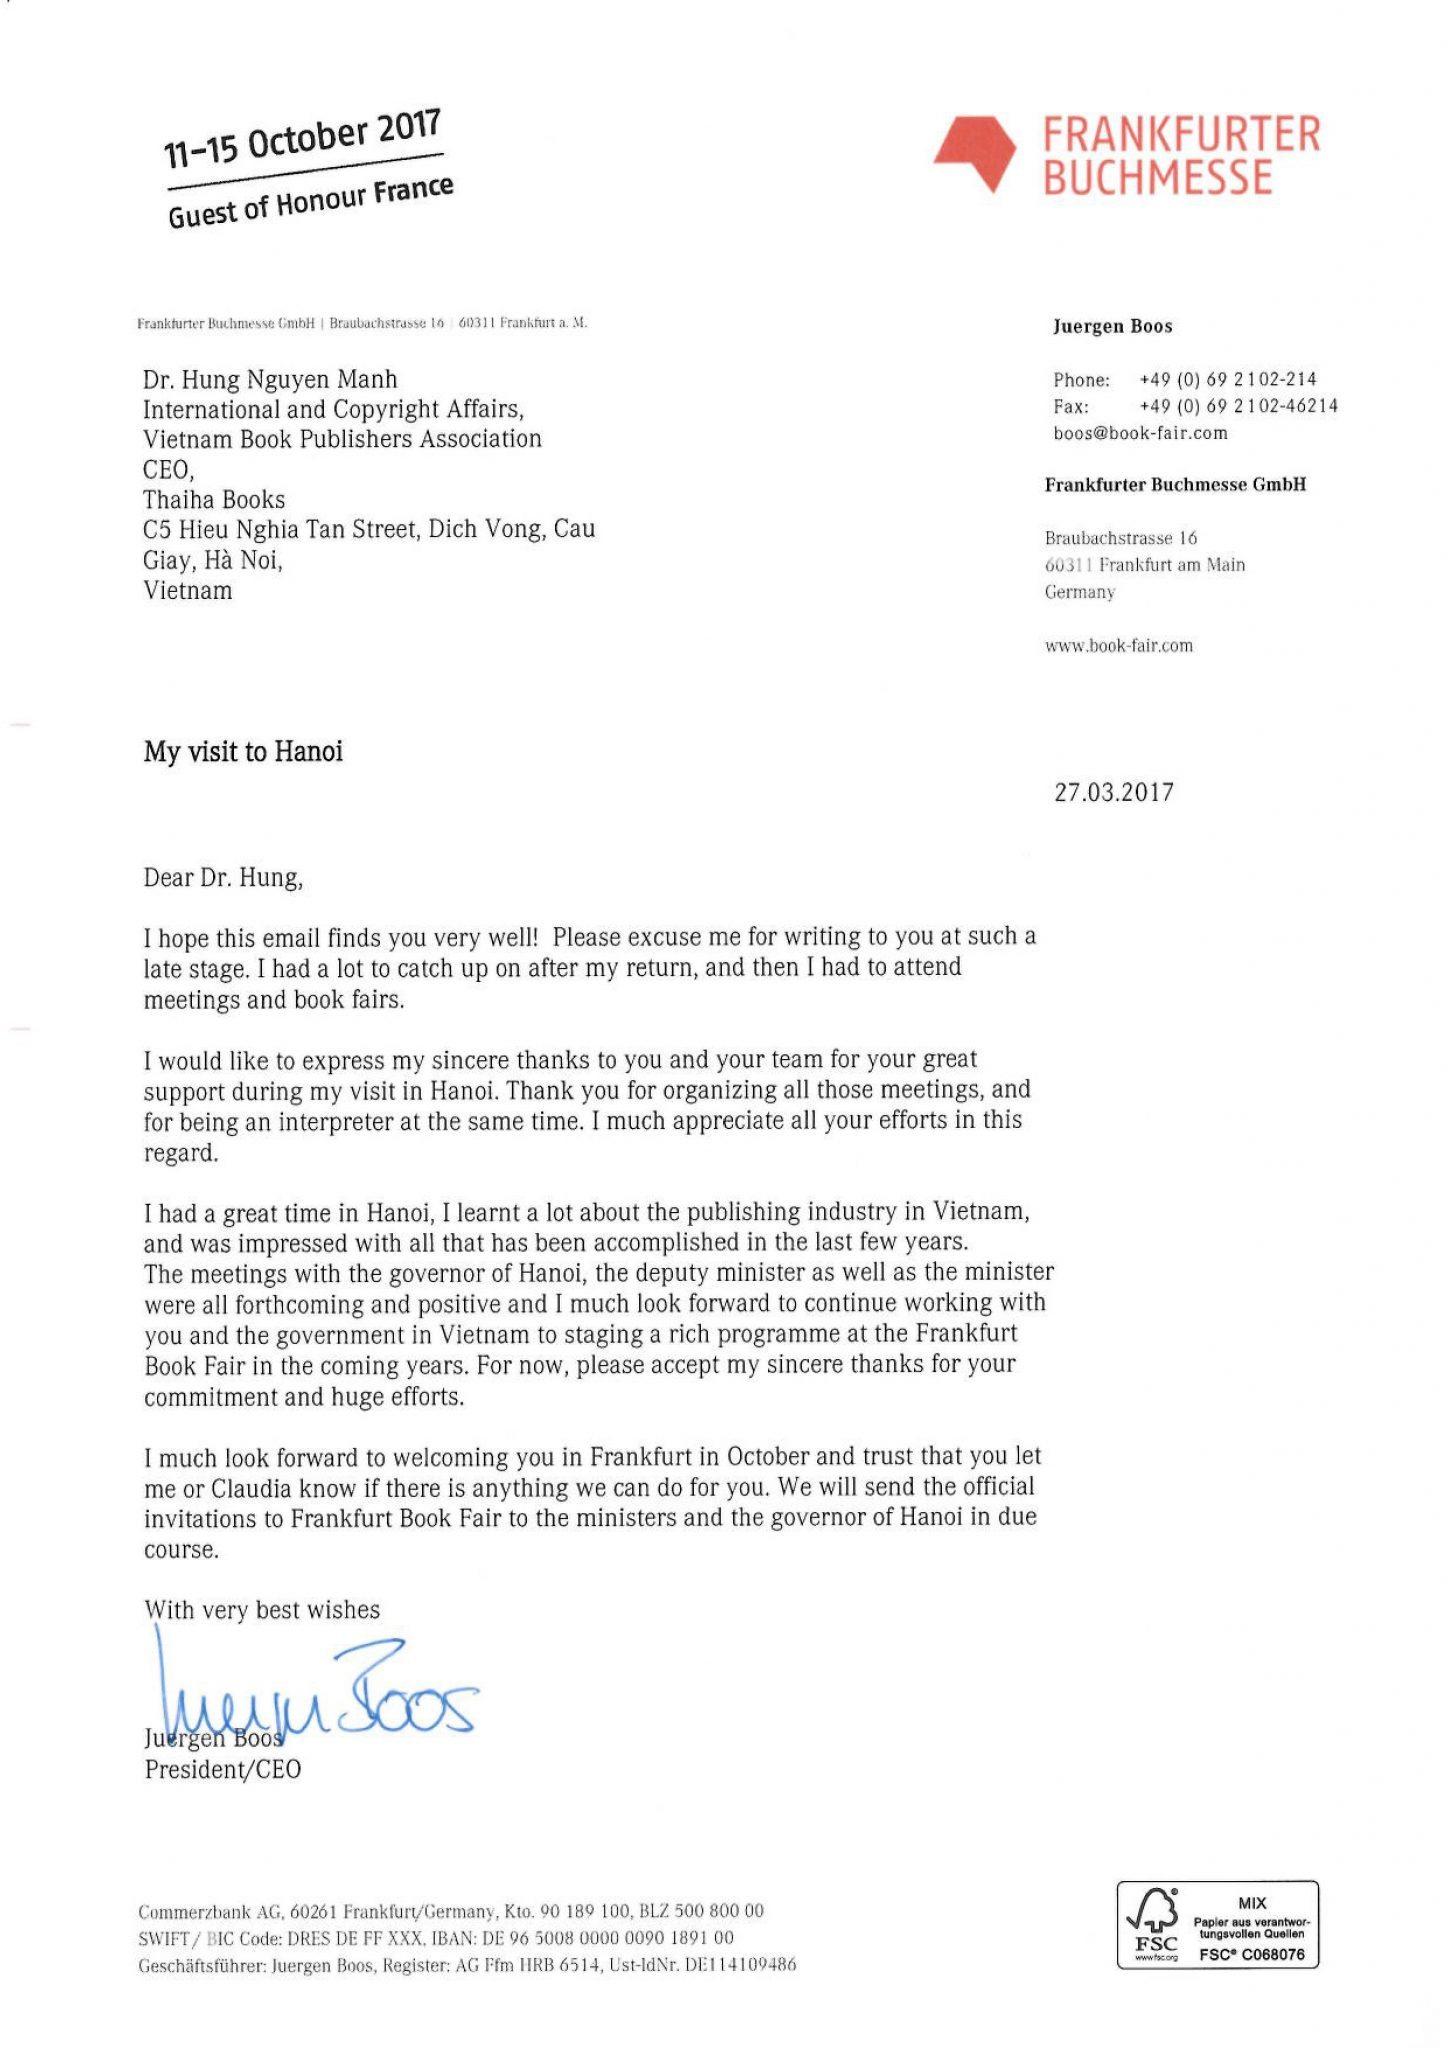 Thư của Chủ tịch Frankfurt Book Fair – Juergen Boos gửi Tiến sĩ Nguyễn Mạnh Hùng